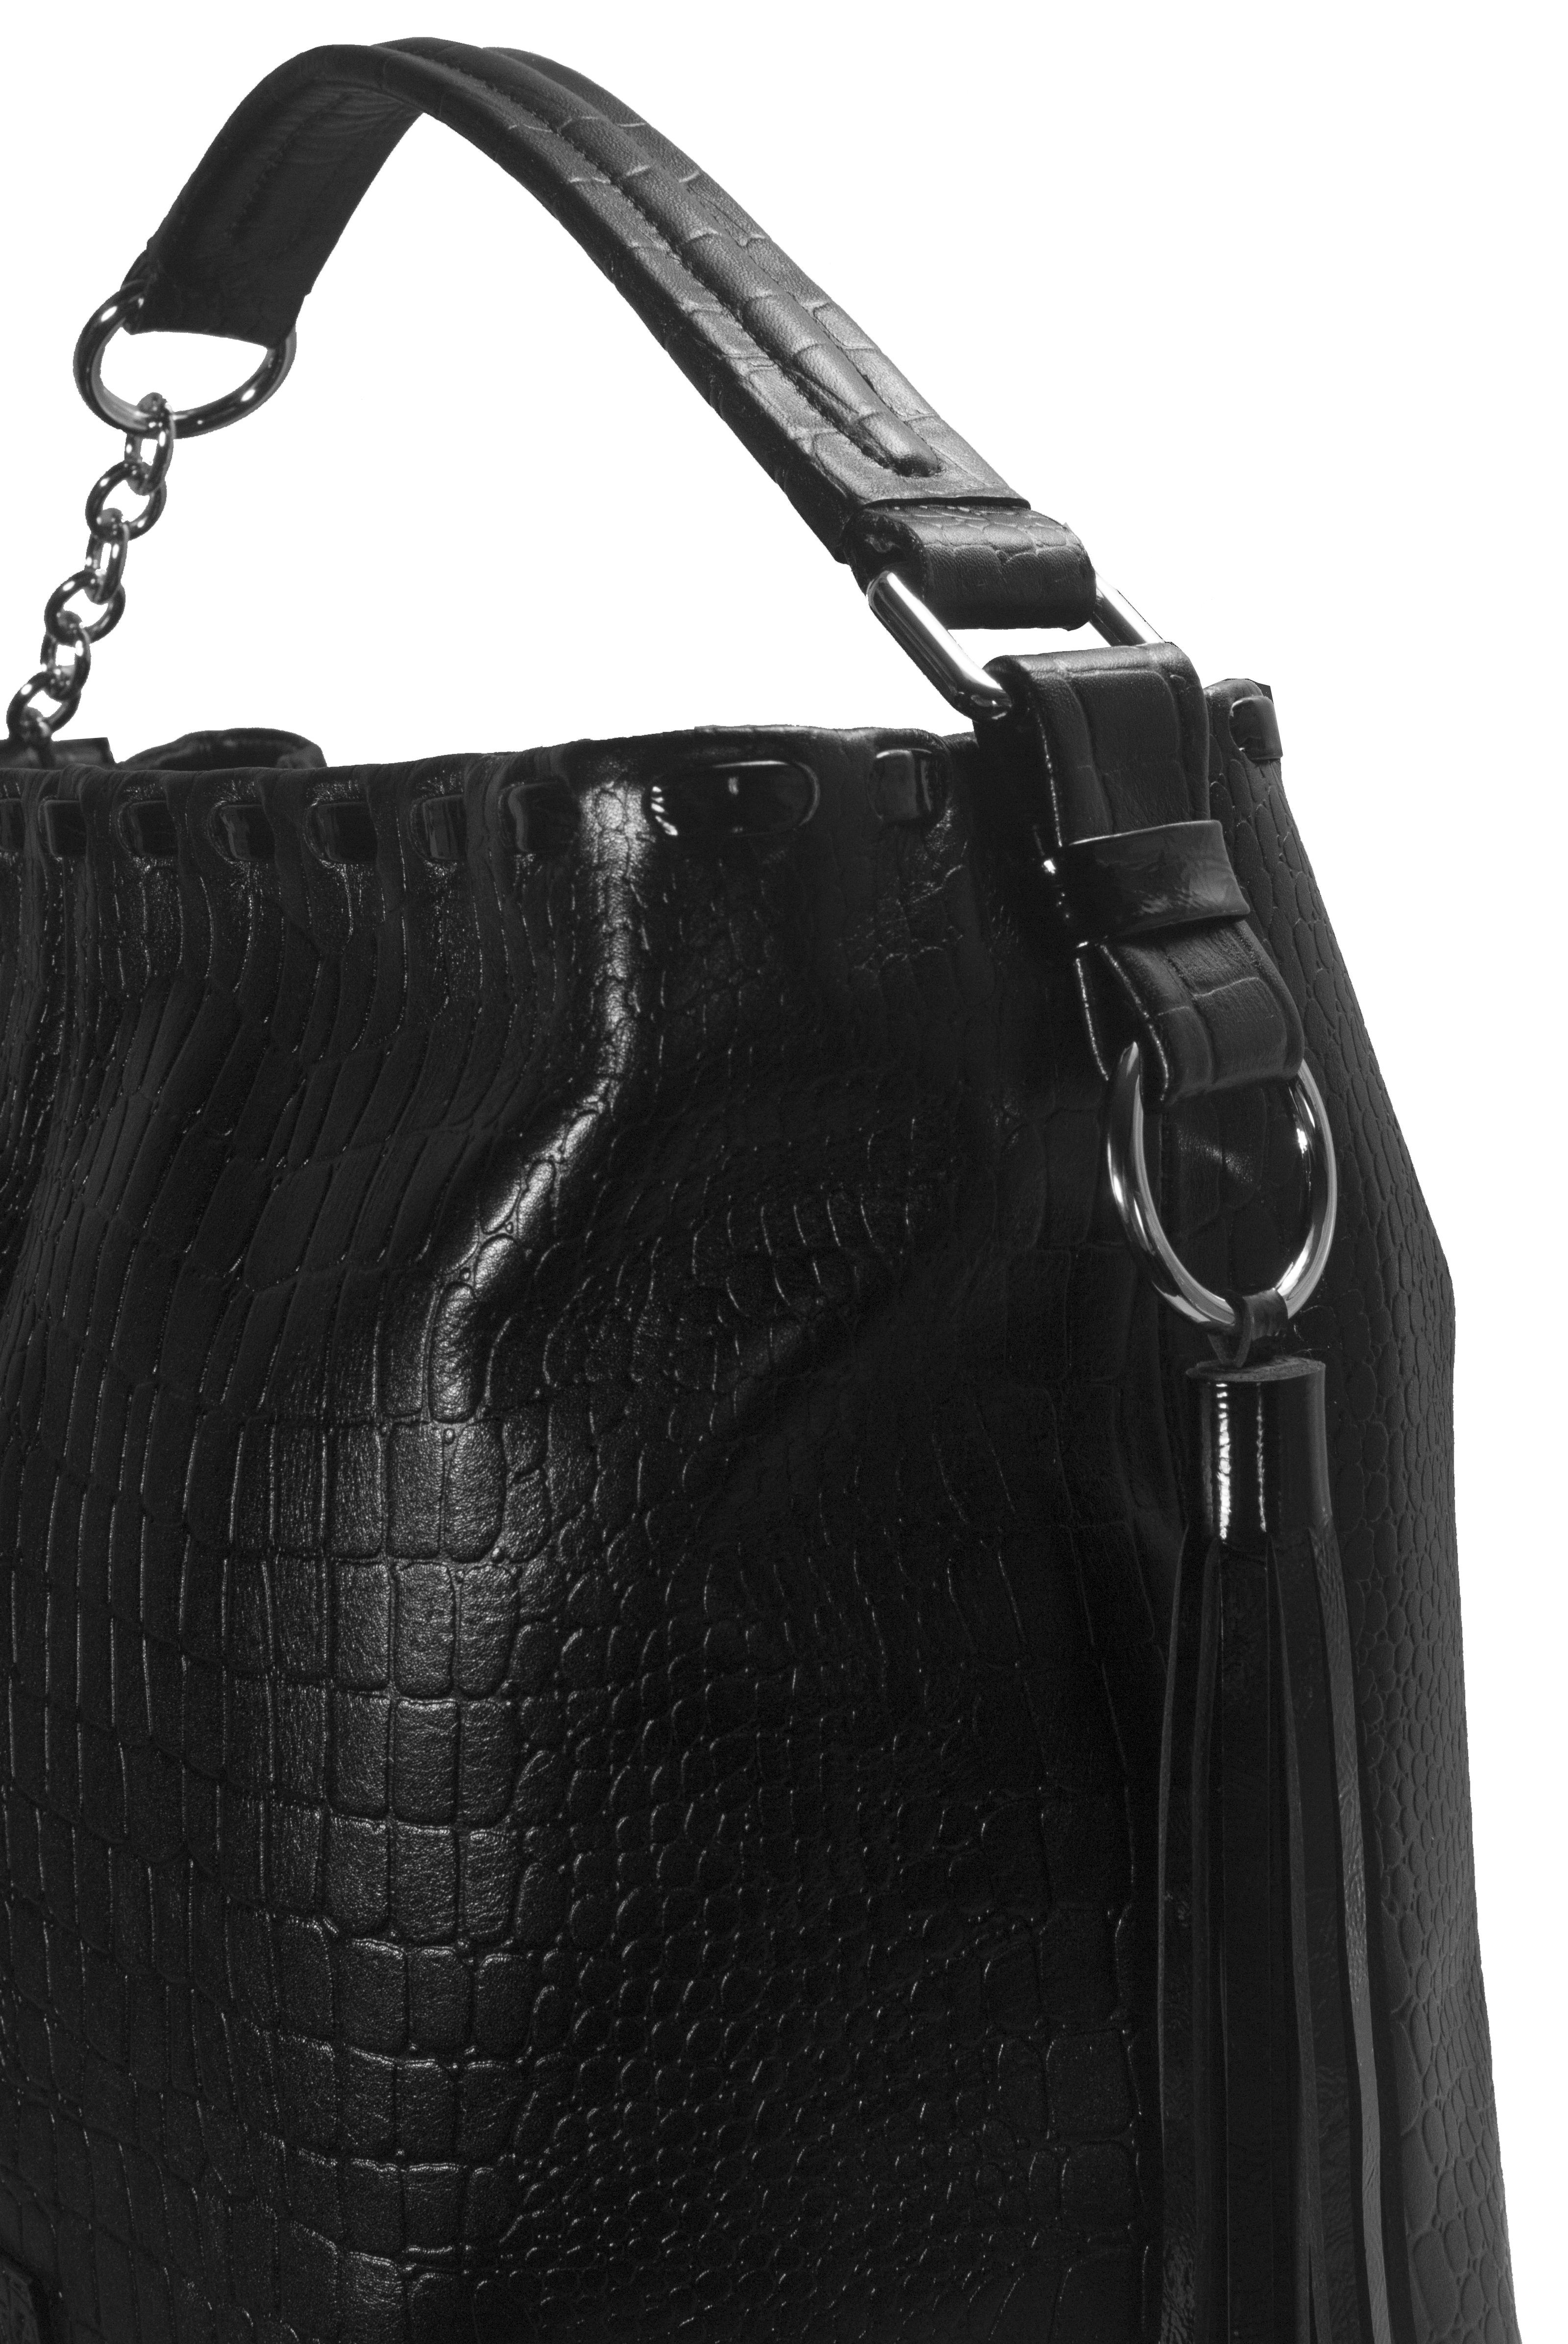 Kožená kabelka s proplétaným zdobením 11-DS261-croco-black - detail